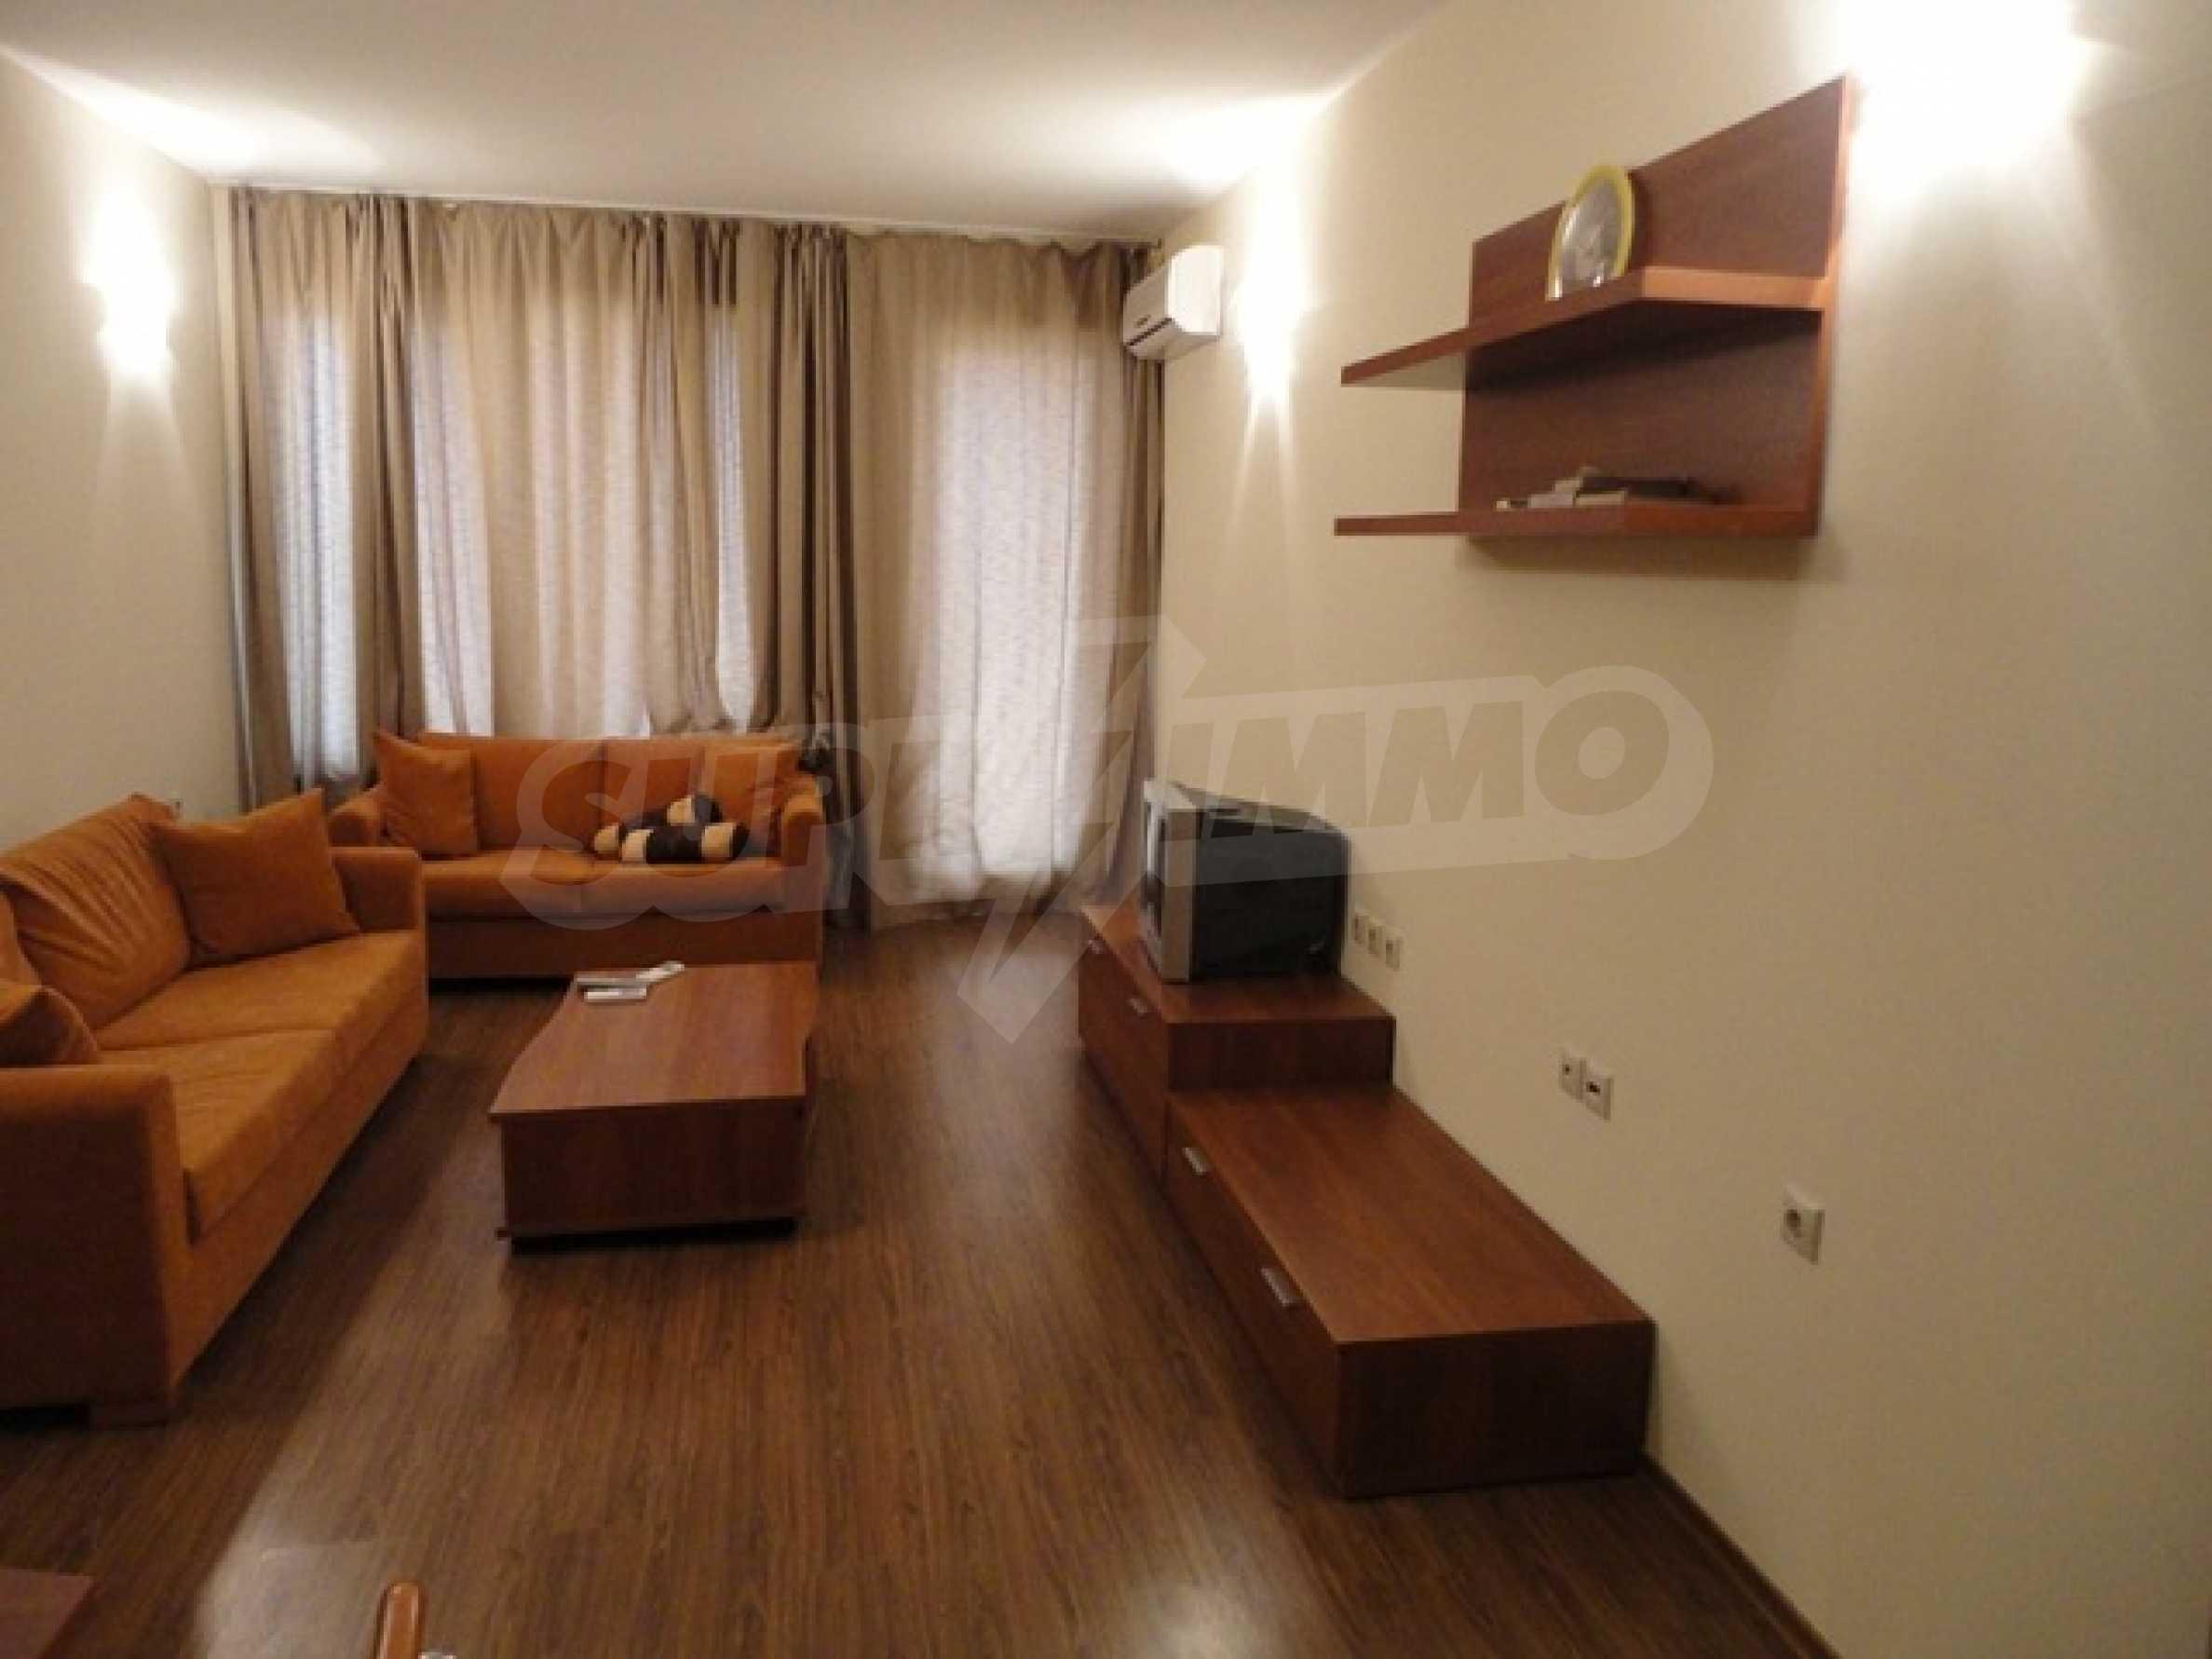 Трехкомнатная квартира «Регина» 13